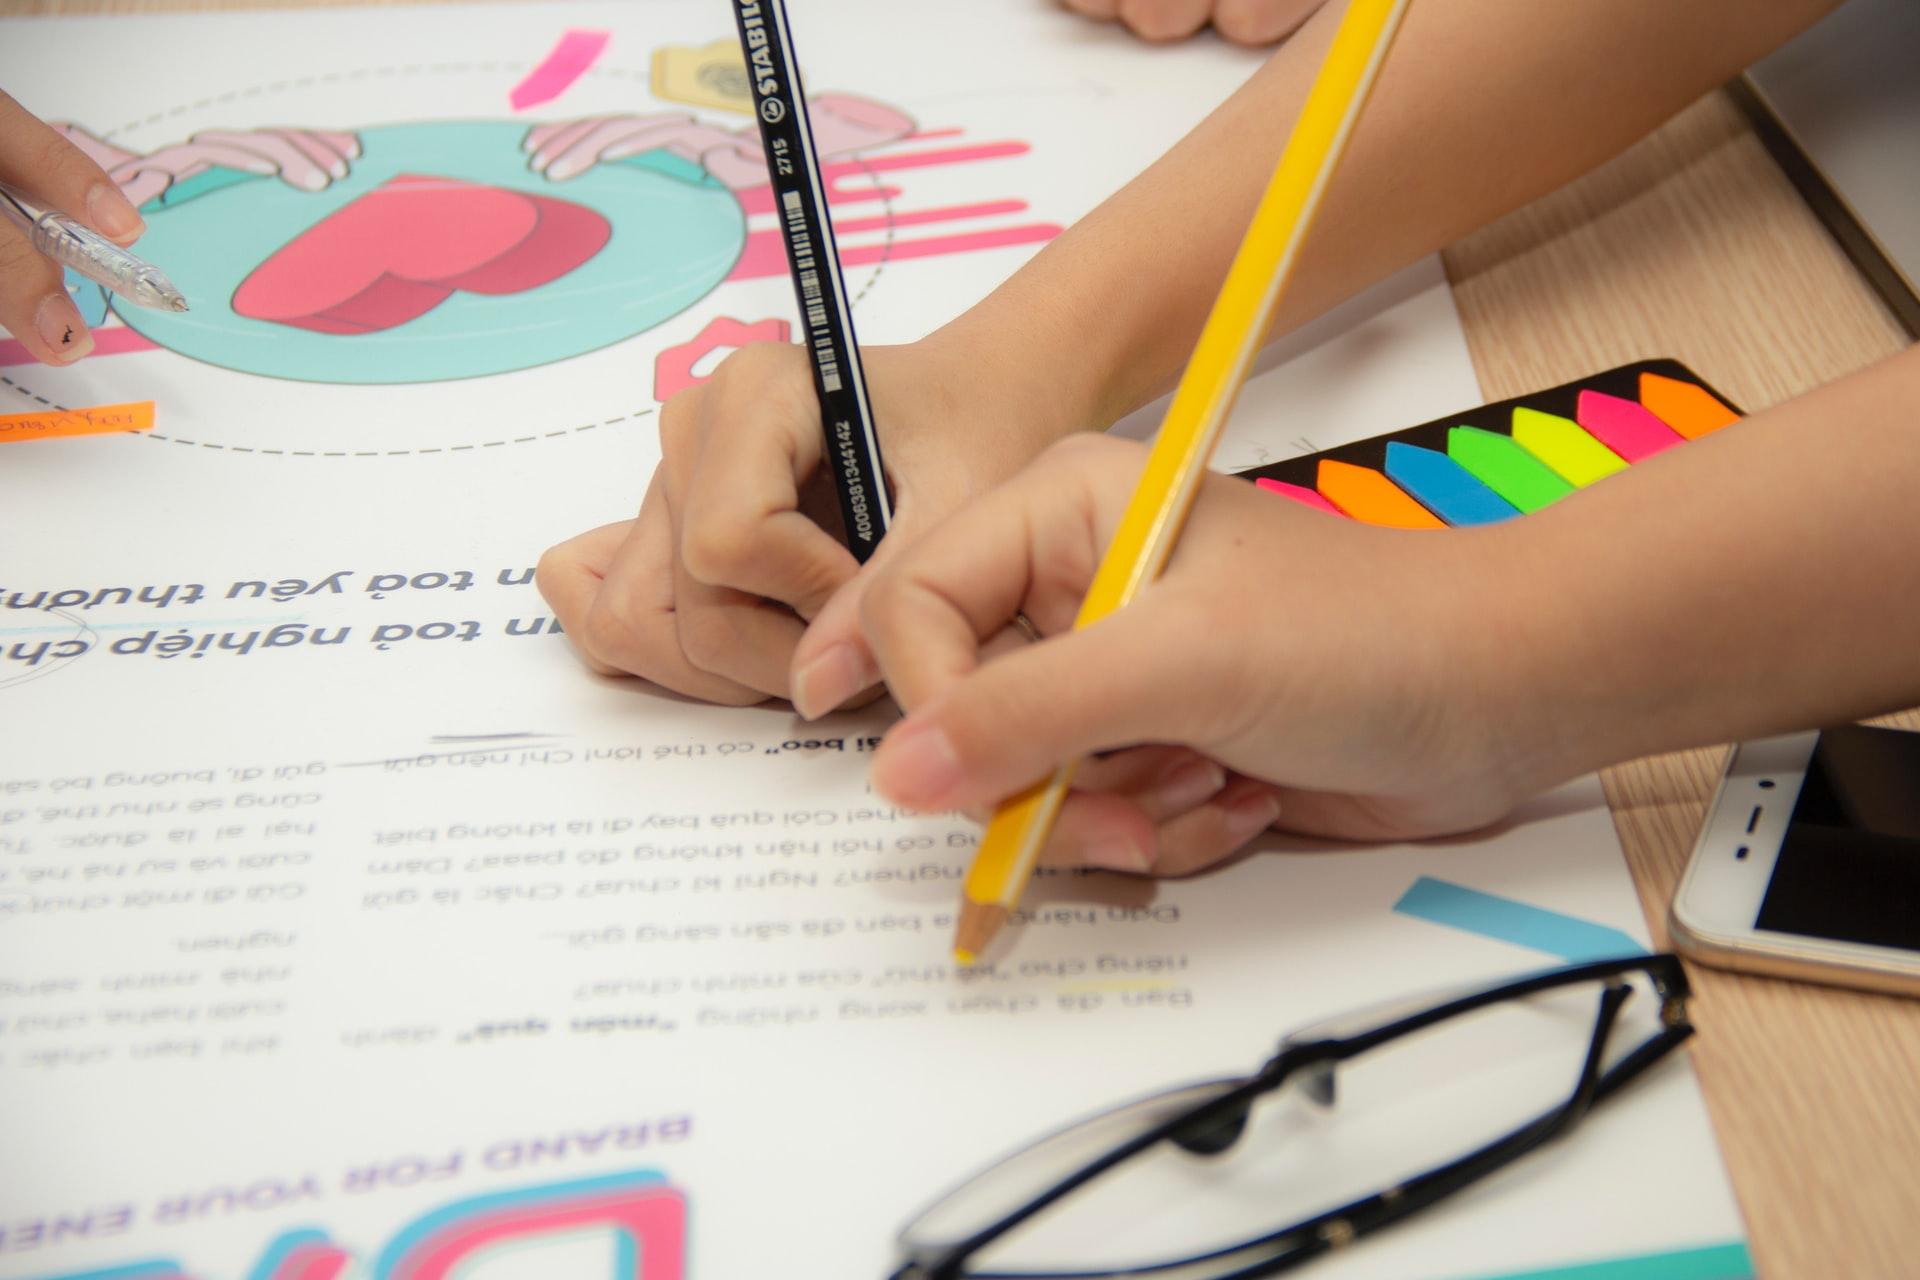 Mediante la educación a distancia también puedes observar el proceso formativo de tu alumnado. Aprovecha los canales digitales disponibles.